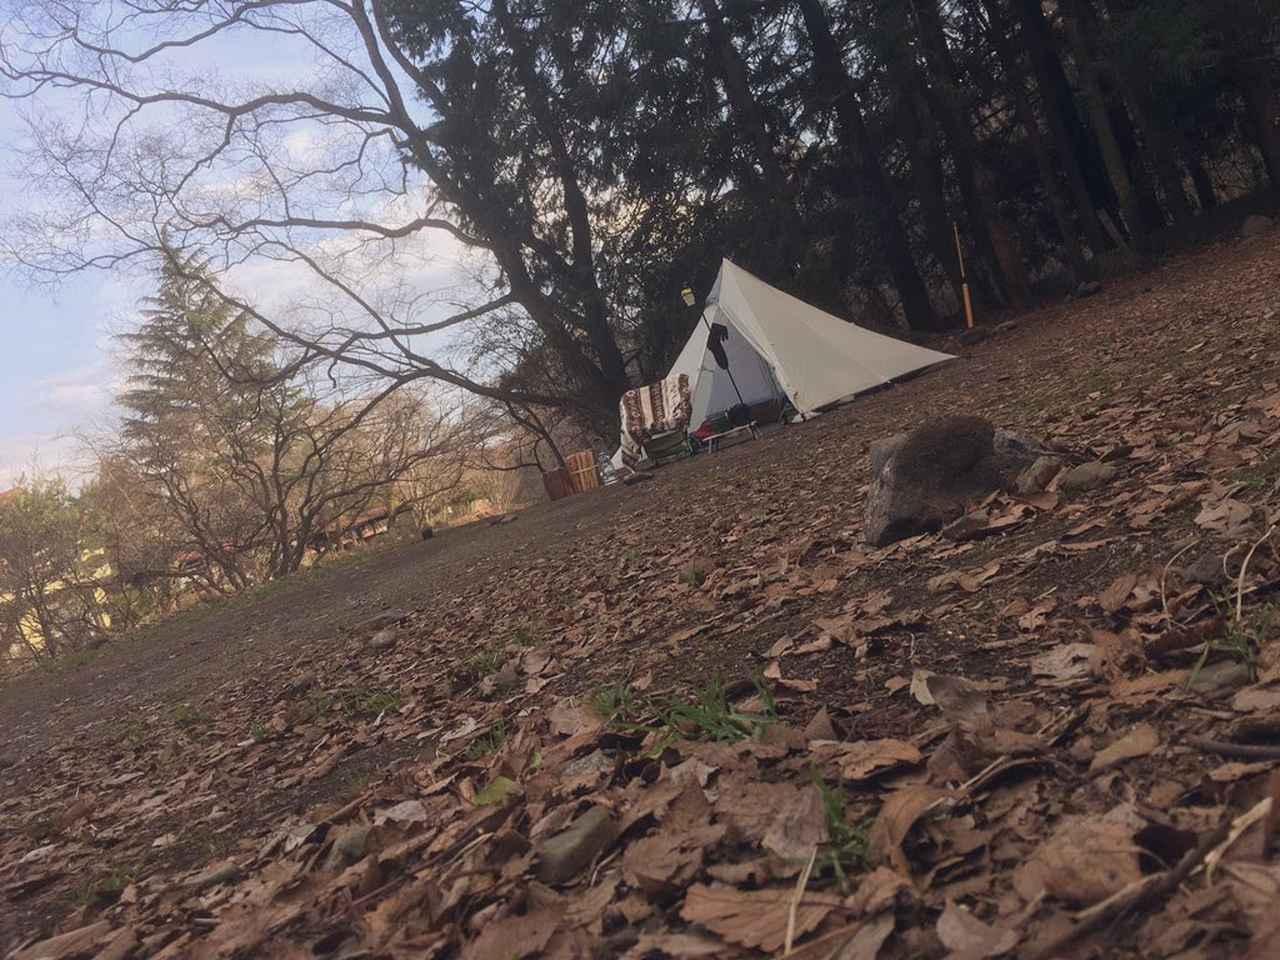 画像: 【秋冬キャンプ向け】電気に頼らない防寒対策! 身軽なソロキャンプで暖まる7つの方法 - ハピキャン(HAPPY CAMPER)